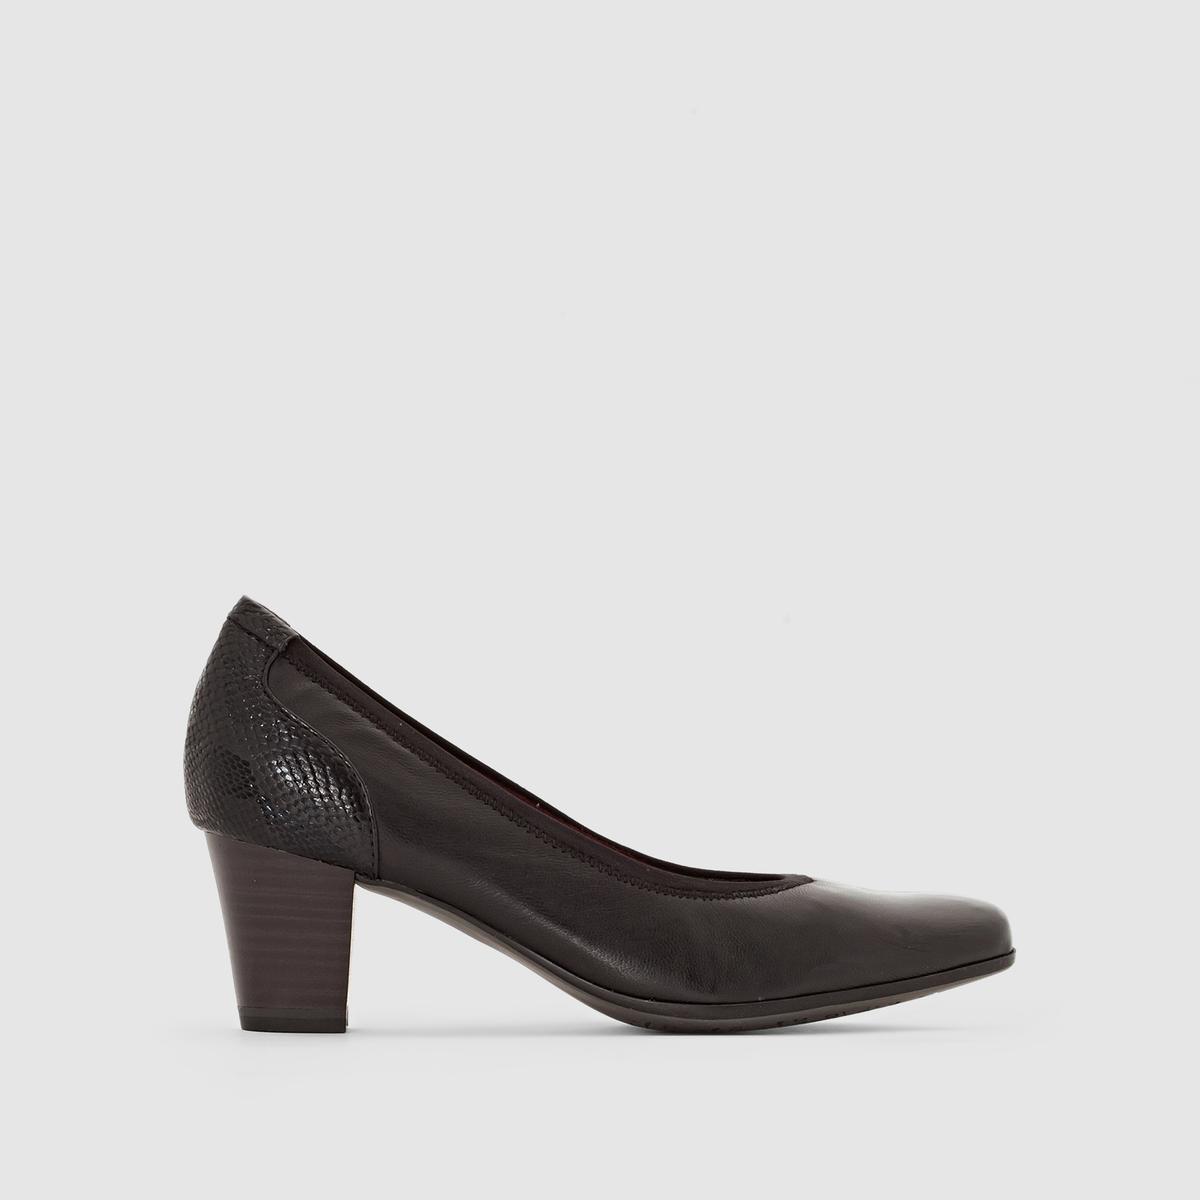 Туфли кожаные 22400-27Верх/Голенище : голенище из кожи        Подкладка : текстиль Стелька : кожа Подошва : синтетика Высота каблука : 5,5 см Форма каблука : широкий Мысок : закругленный Застежка : без застежки<br><br>Цвет: черный<br>Размер: 39